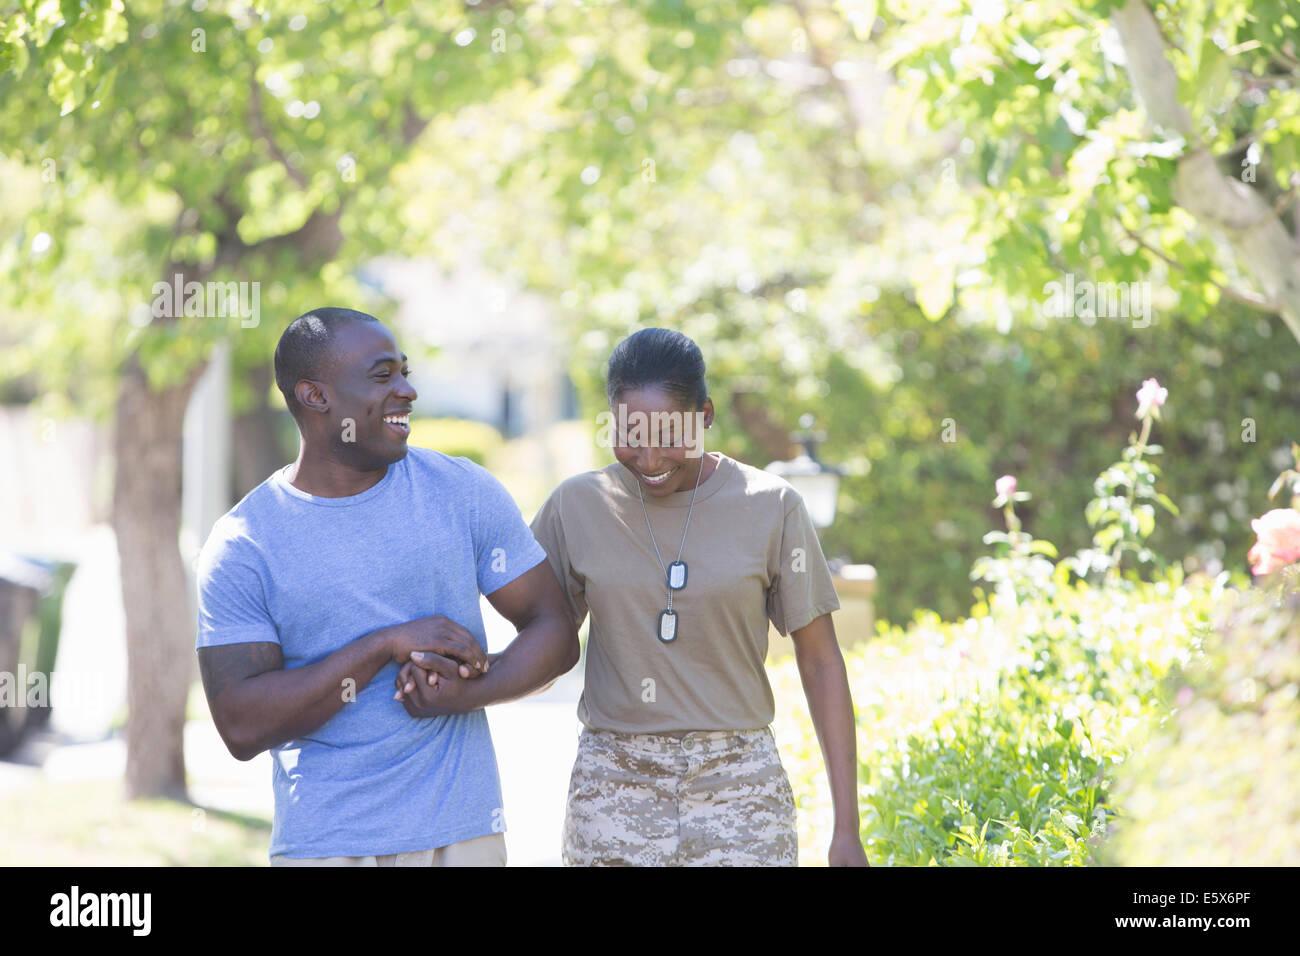 Soldatin Mannes Hand haltend, auf Heimkehr beim Spaziergang Stockbild